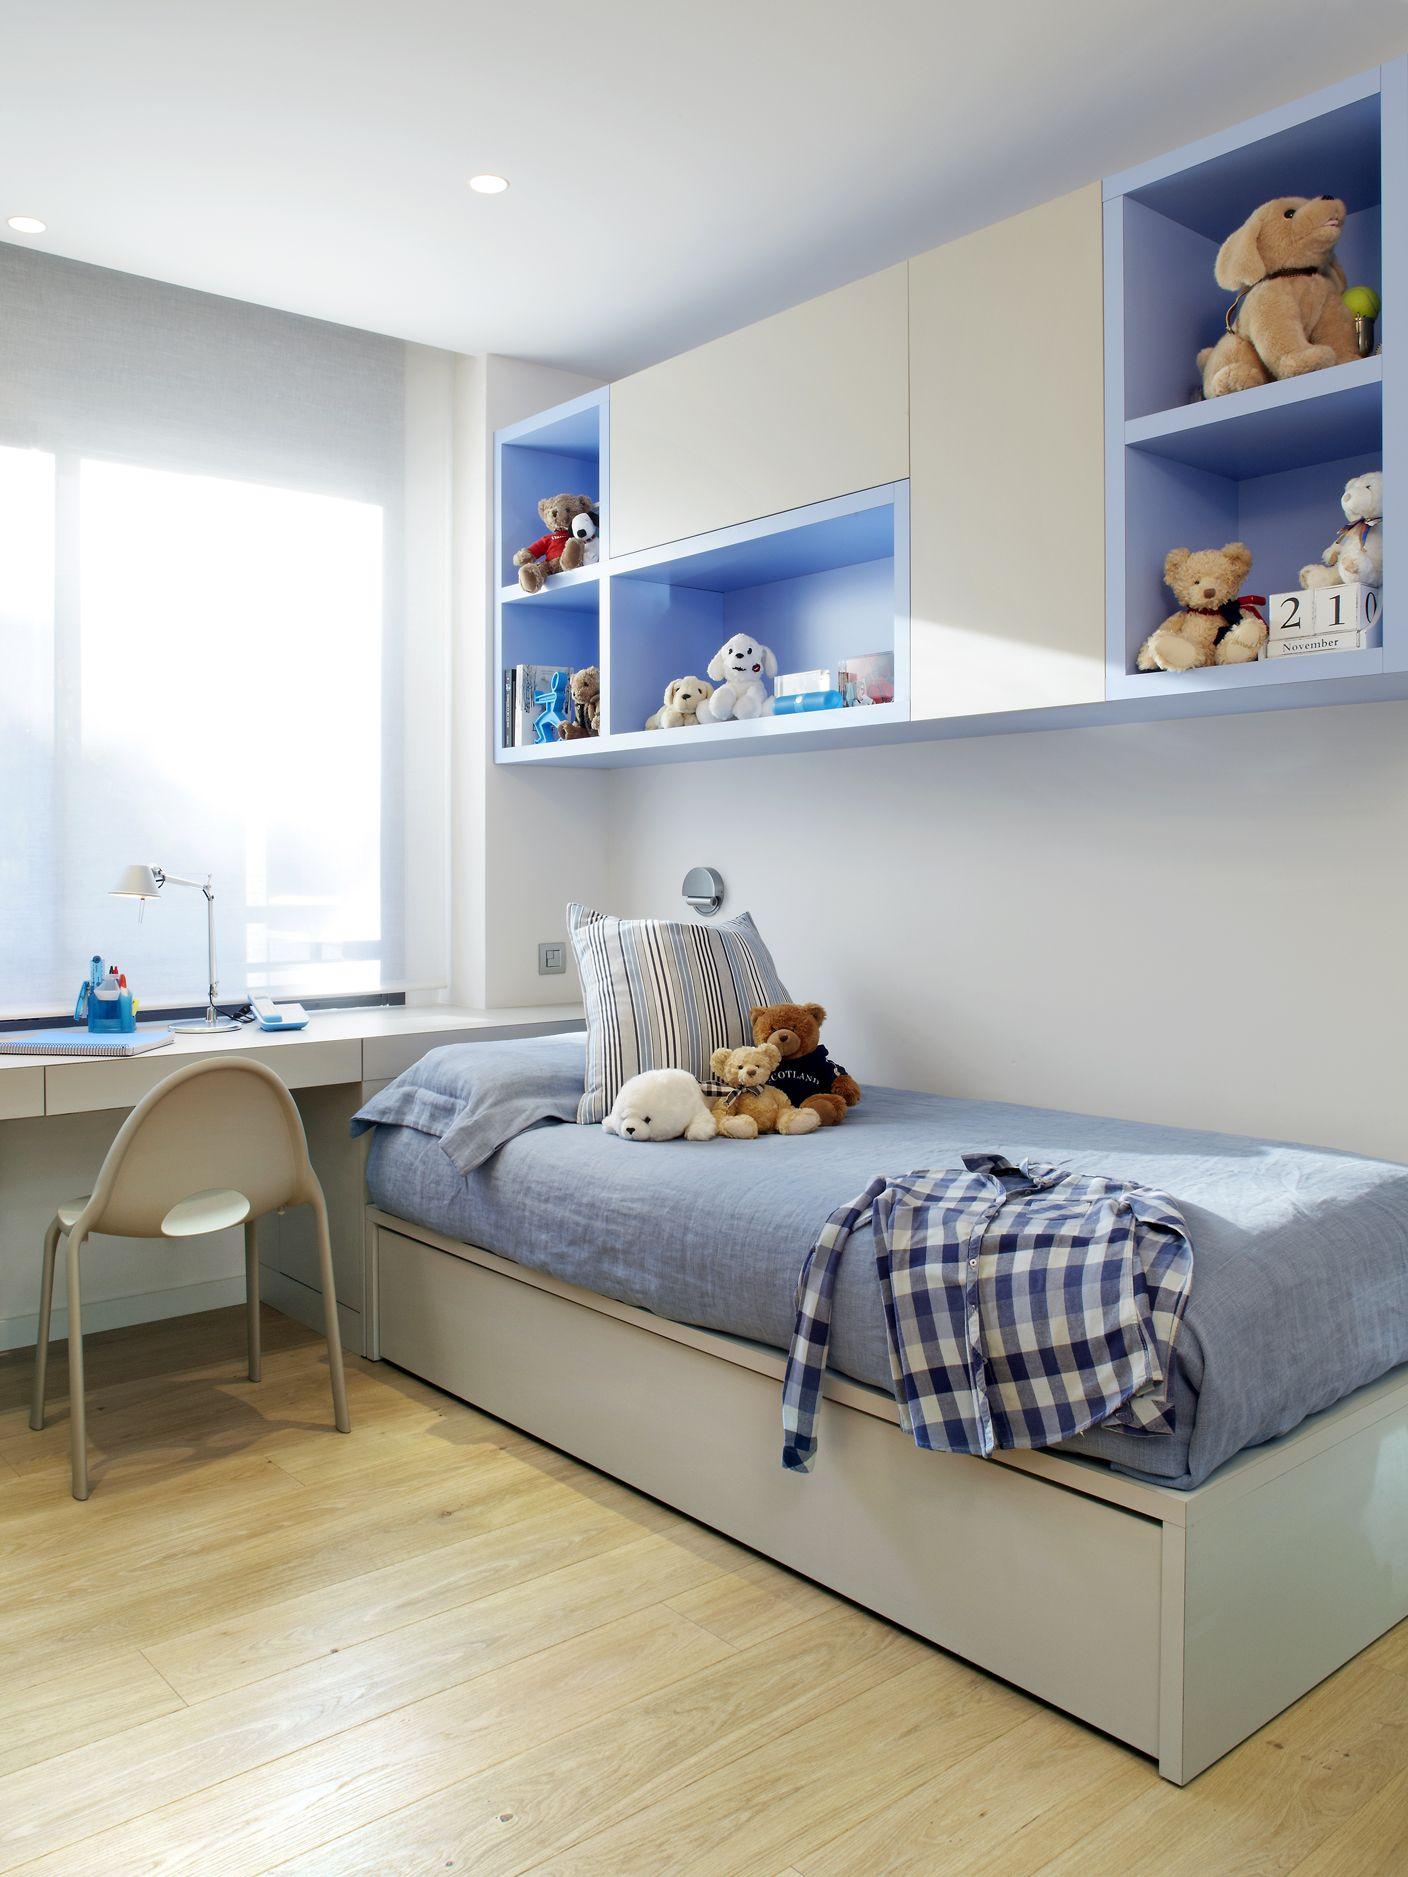 Molins interiors arquitectura interior interiorismo for Habitacion juvenil nina